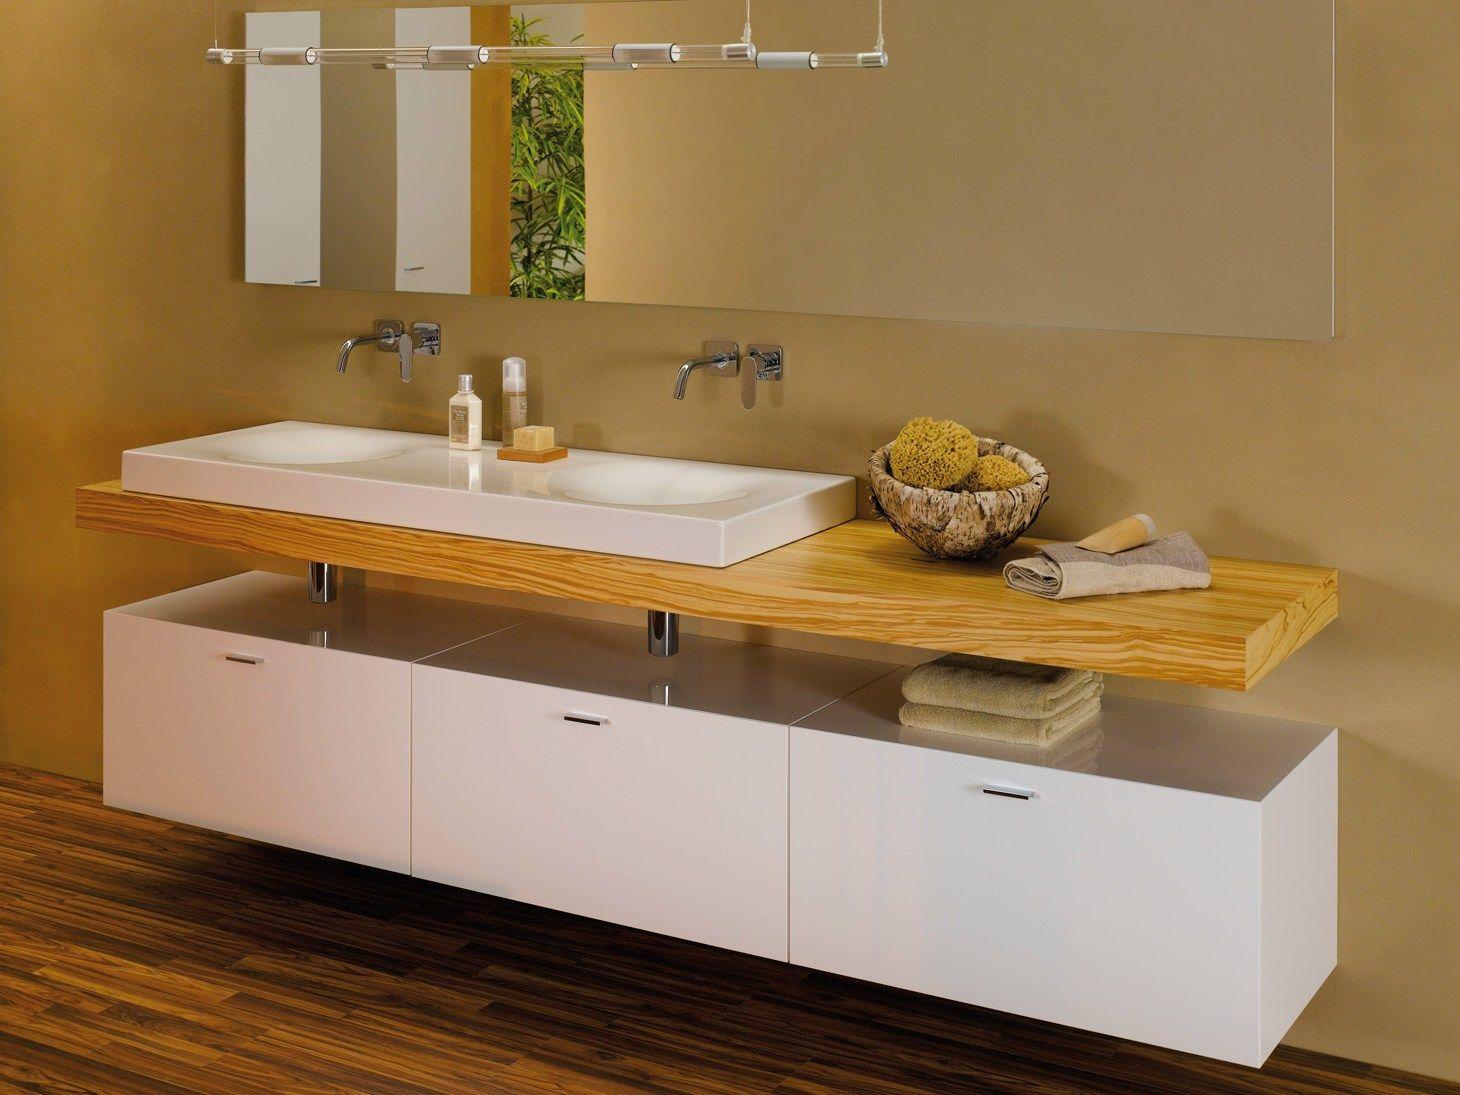 meuble pour salle de bain suspendu avec tiroirs betteroom auszugs collection meubles pour salles